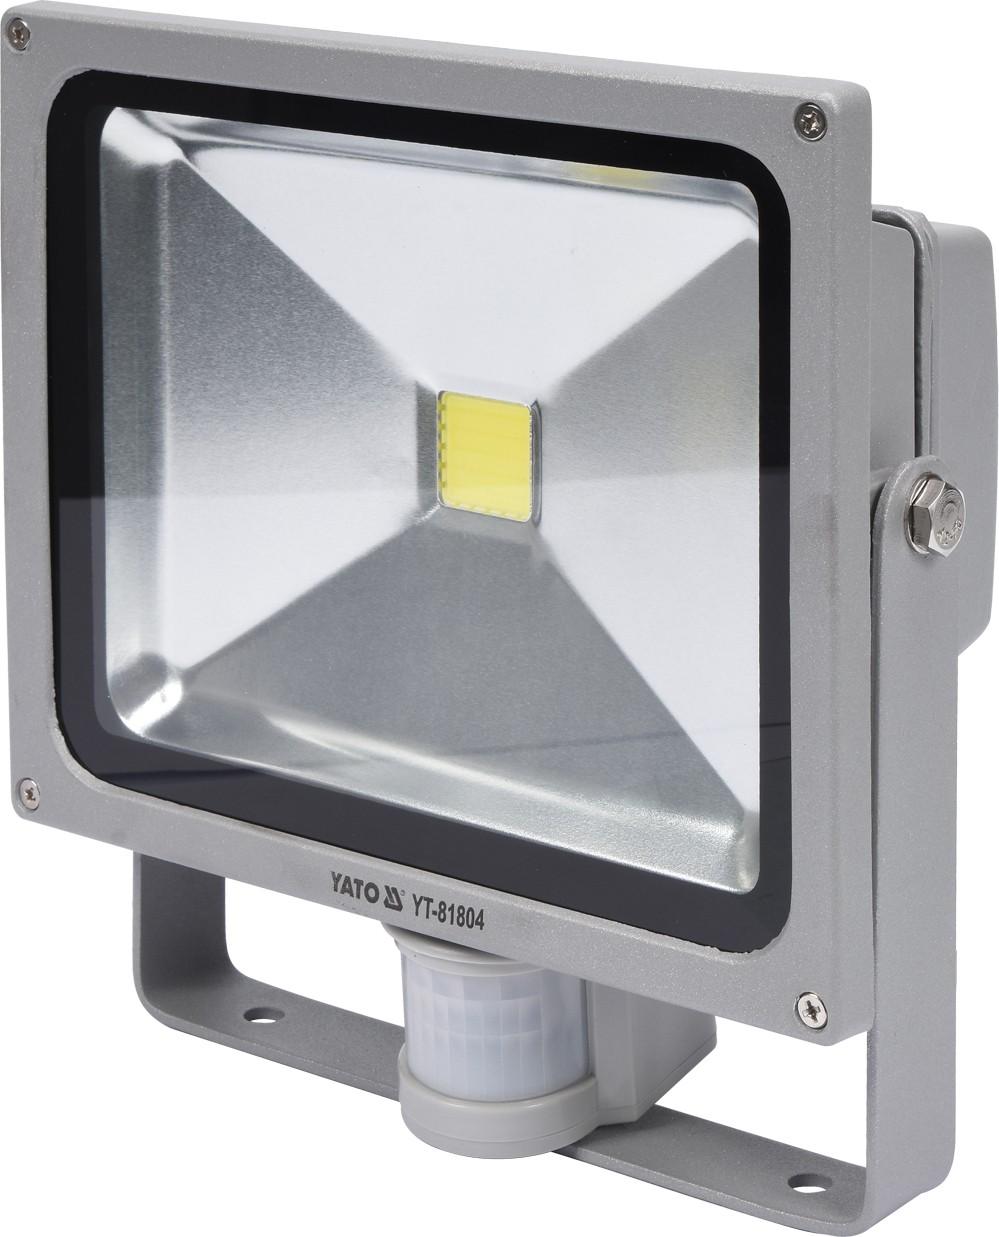 Reflektor s vysoce svítivou COB LED, 30W, 2100lm, IP44, pohyb. senzor